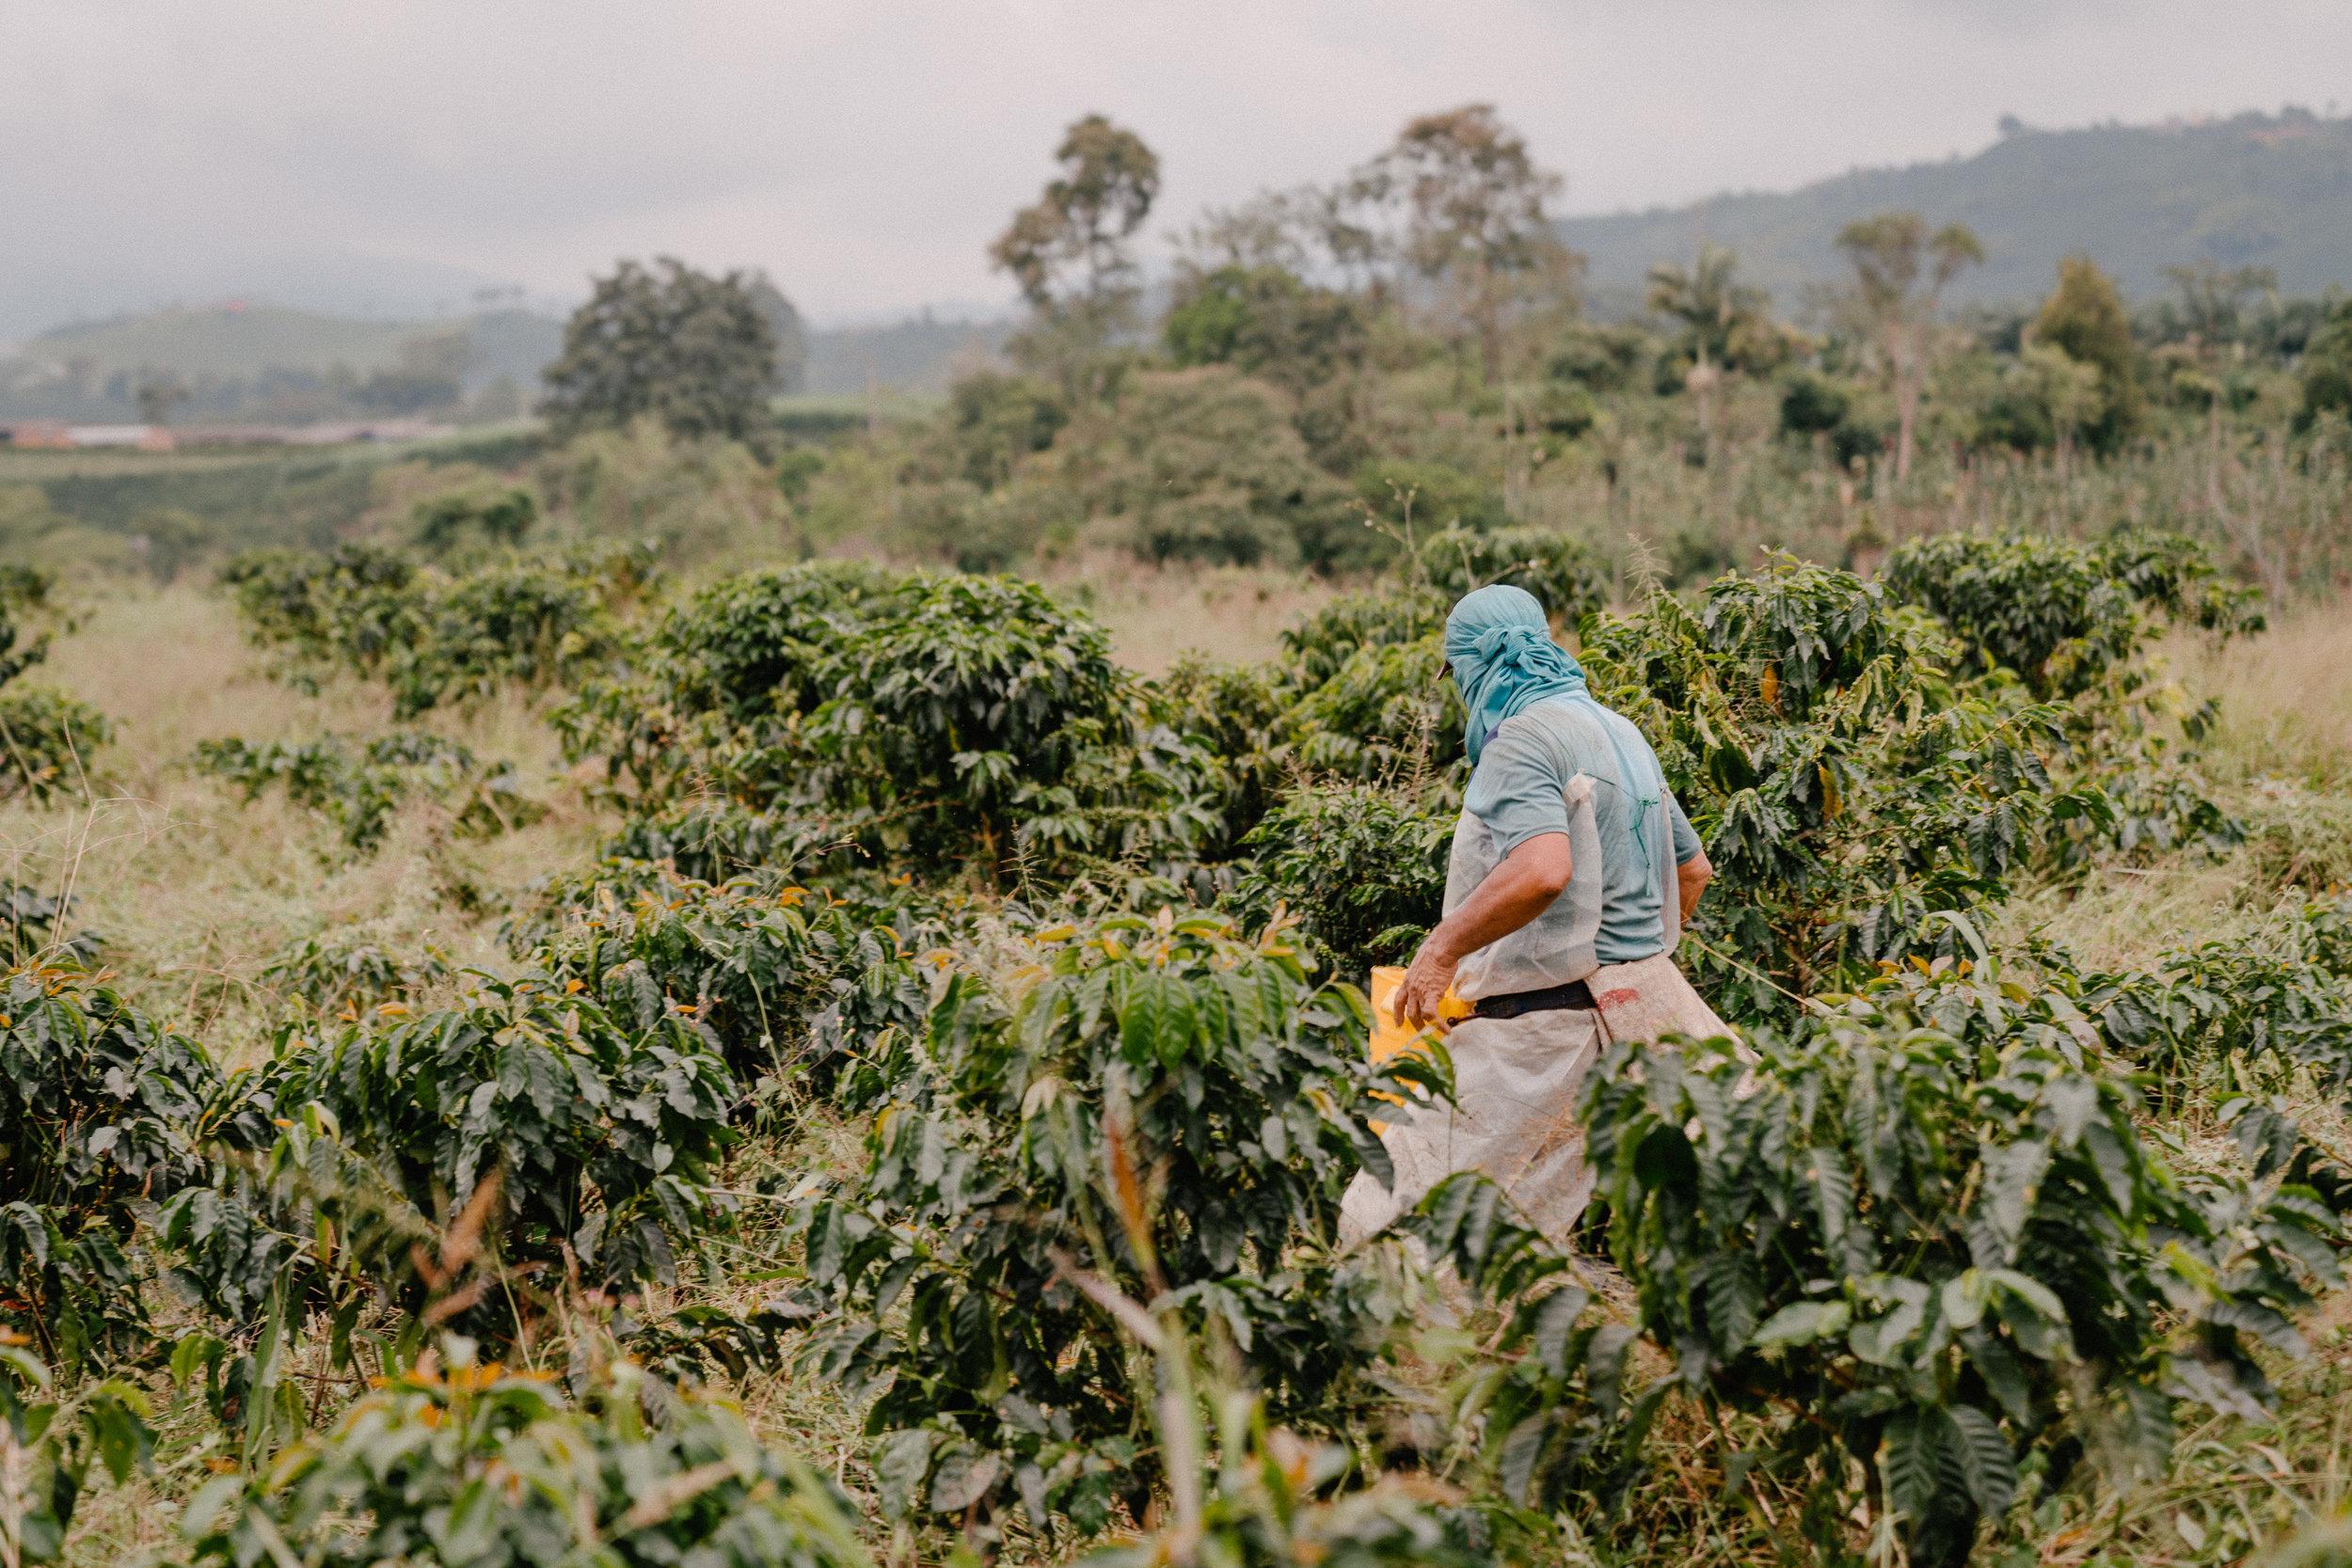 Emanuel-Hahn-Colombia-Coffee-Farmers-Huila-Manizales-Pagpropina-14.jpg